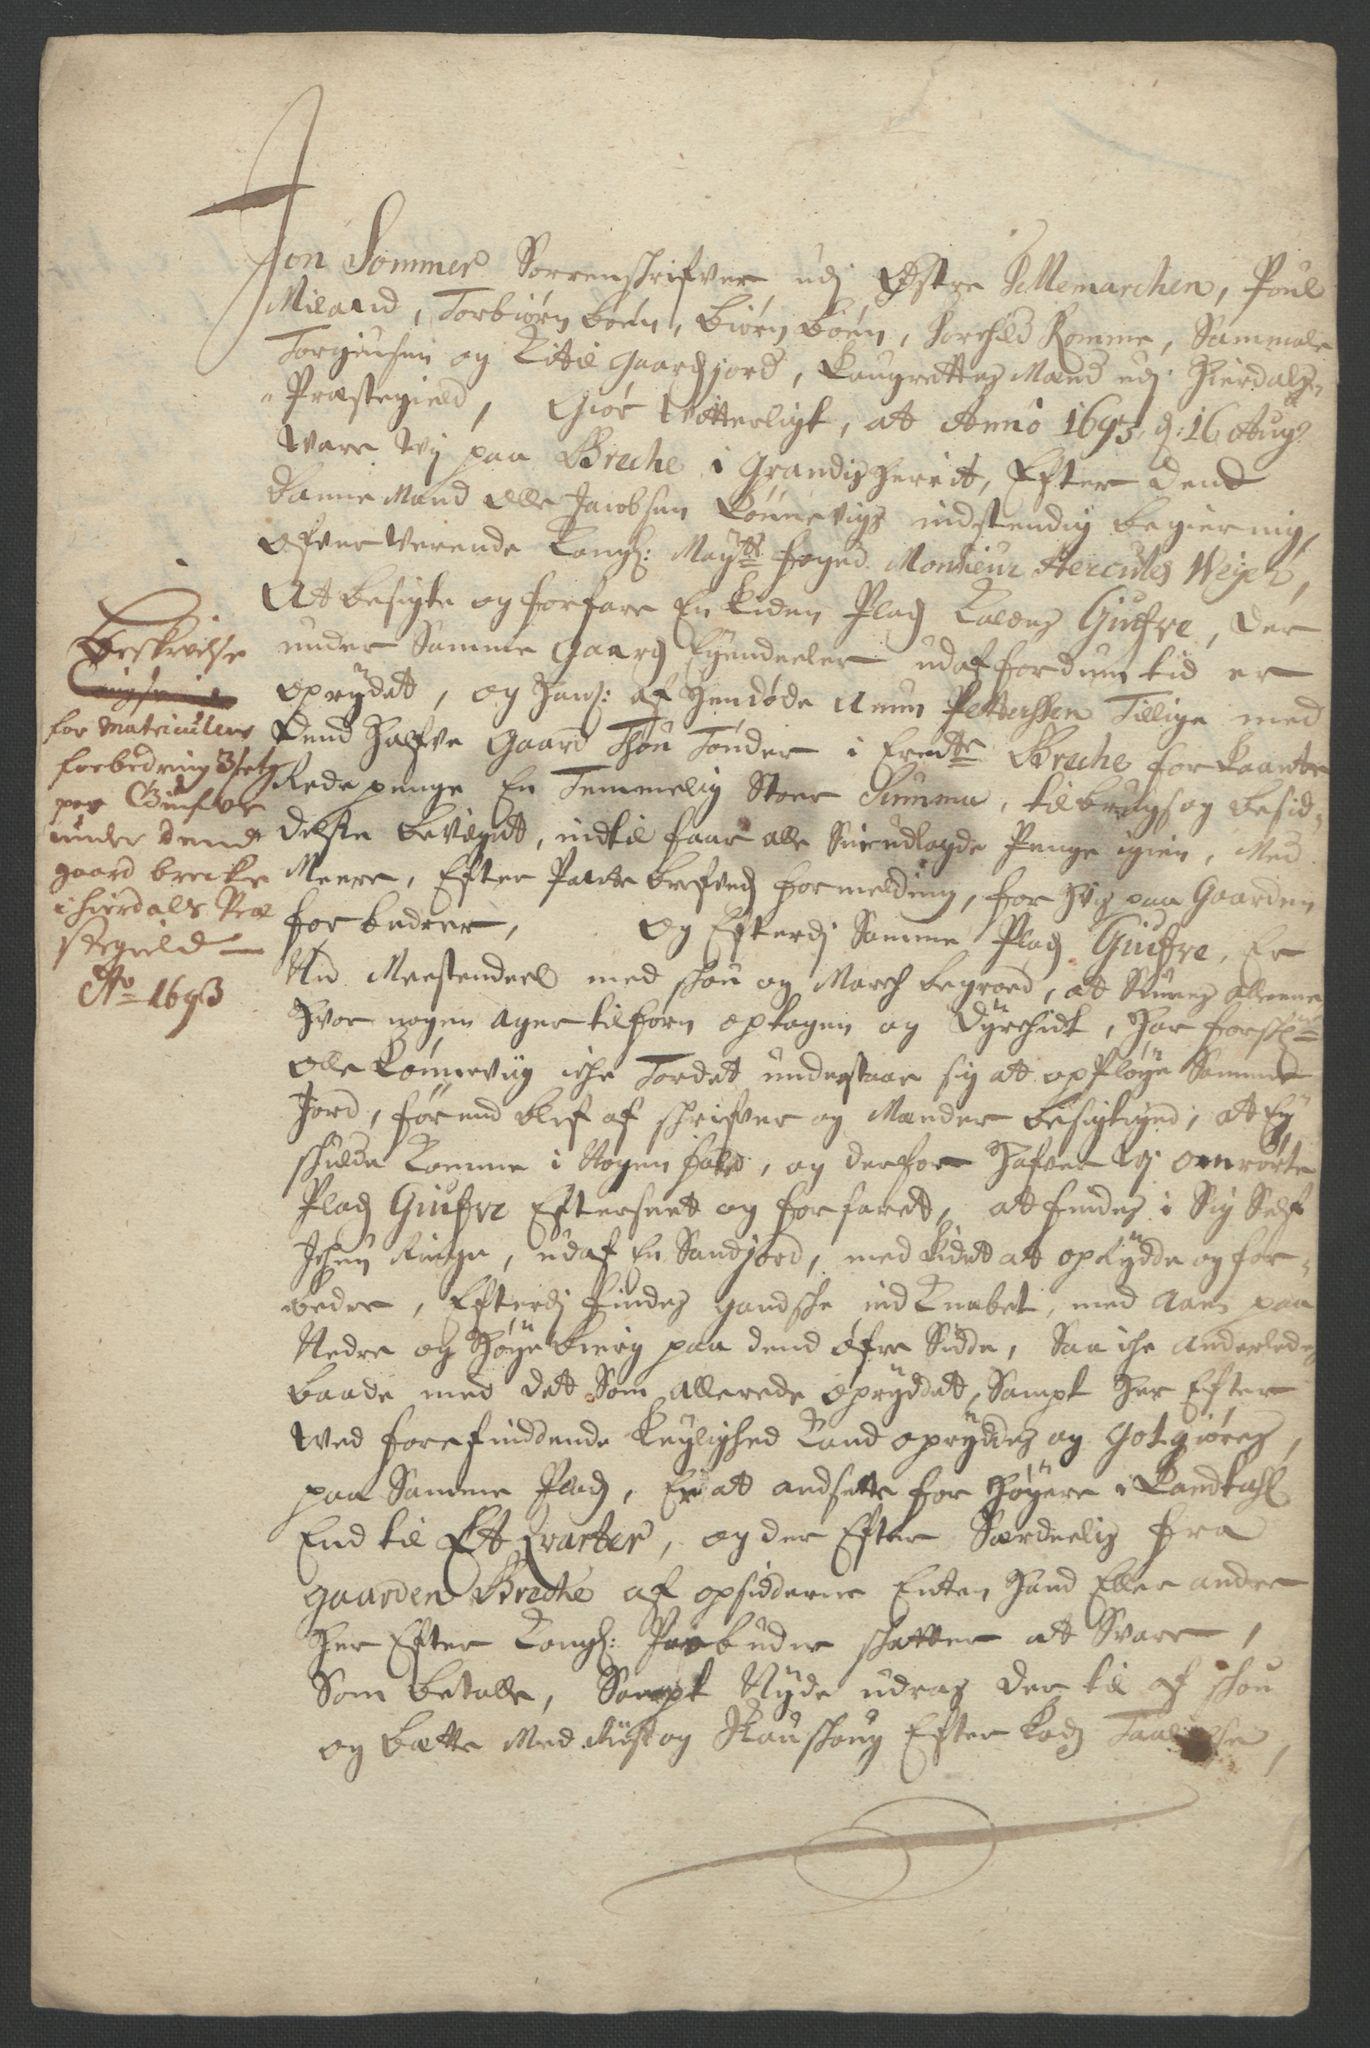 RA, Rentekammeret inntil 1814, Reviderte regnskaper, Fogderegnskap, R35/L2091: Fogderegnskap Øvre og Nedre Telemark, 1690-1693, s. 271